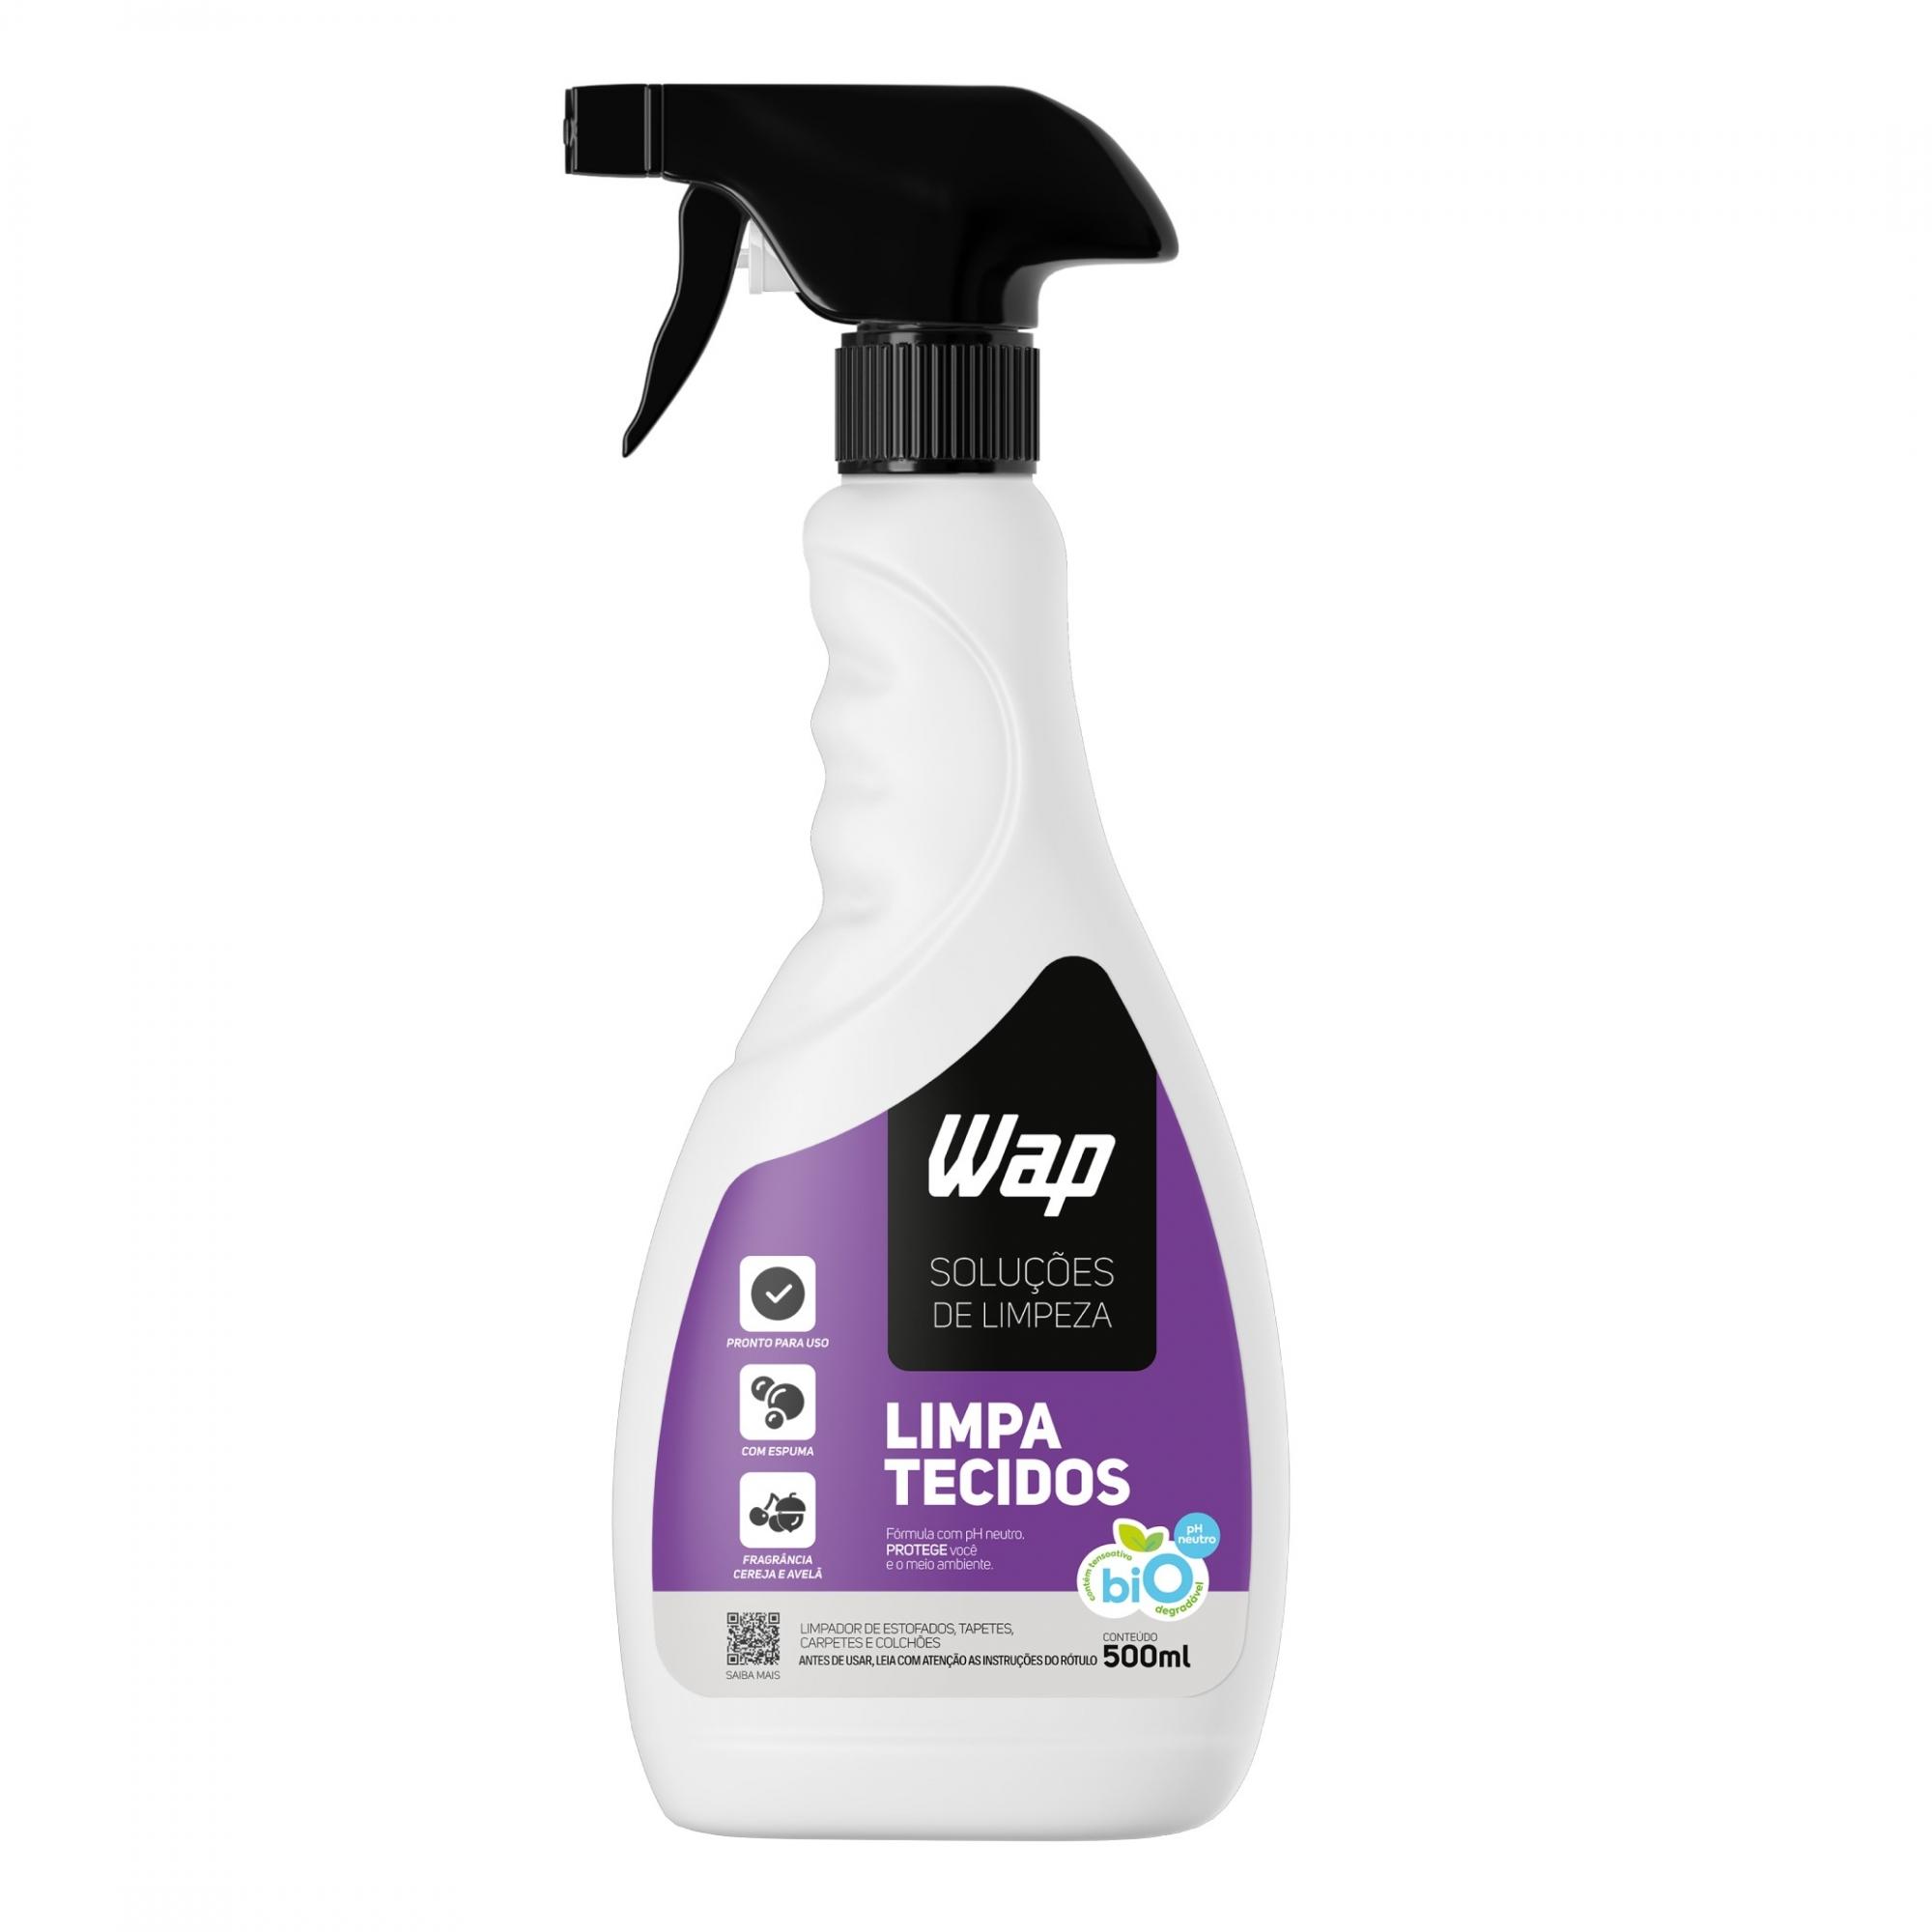 Limpa Tecidos 500mL com Gatilho - Solução de Limpeza Wap